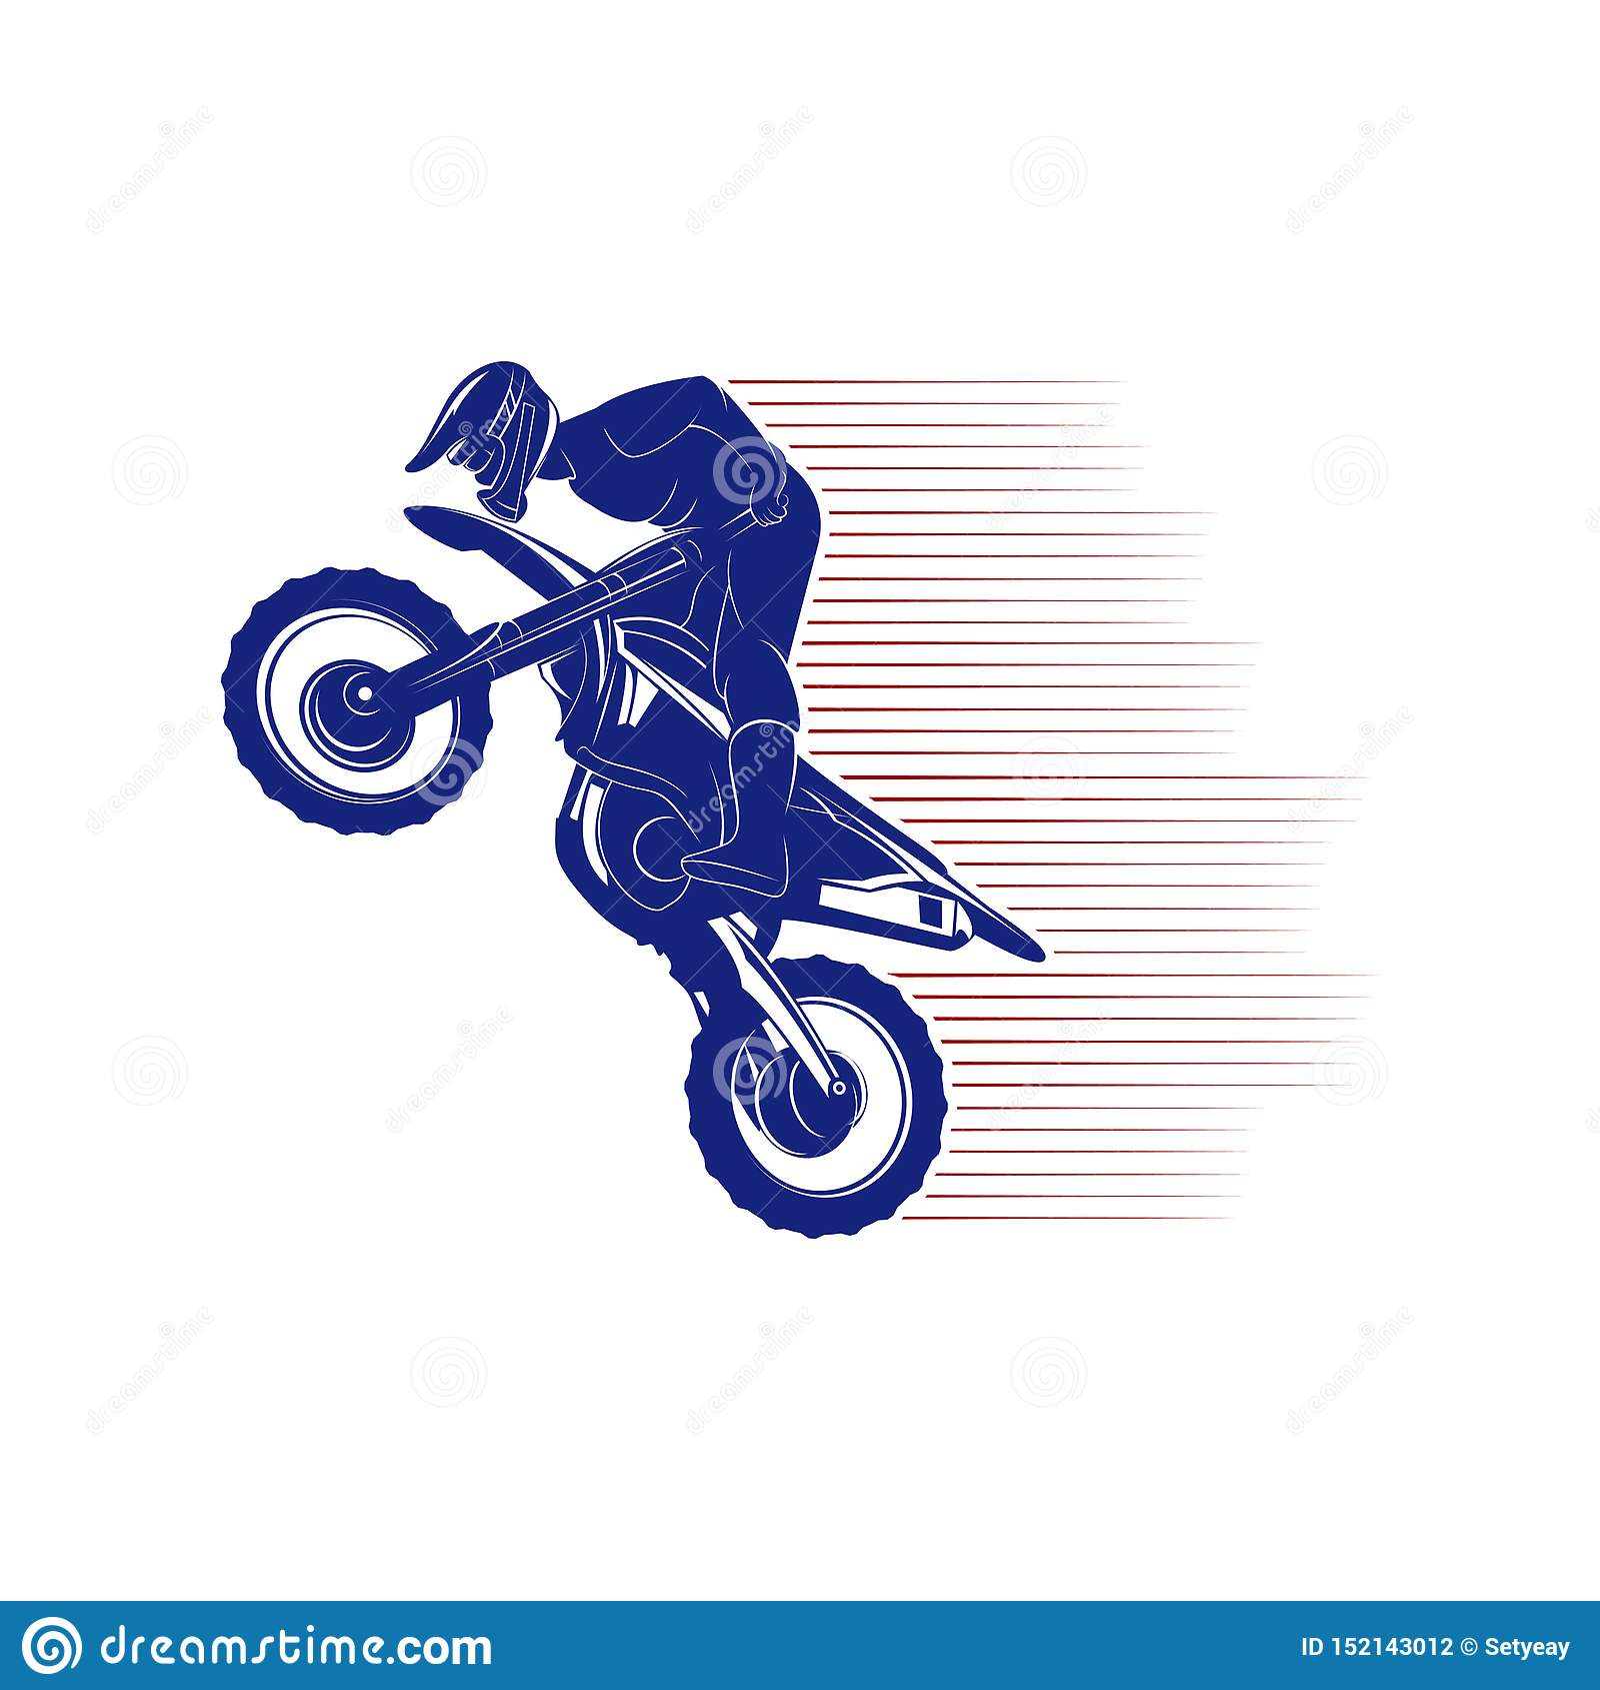 Motocross Jump Logo Vector Motocross Freestyle Vector Motocross Vector Illustration Stock Vector Illustration Of Bike Action 152143012